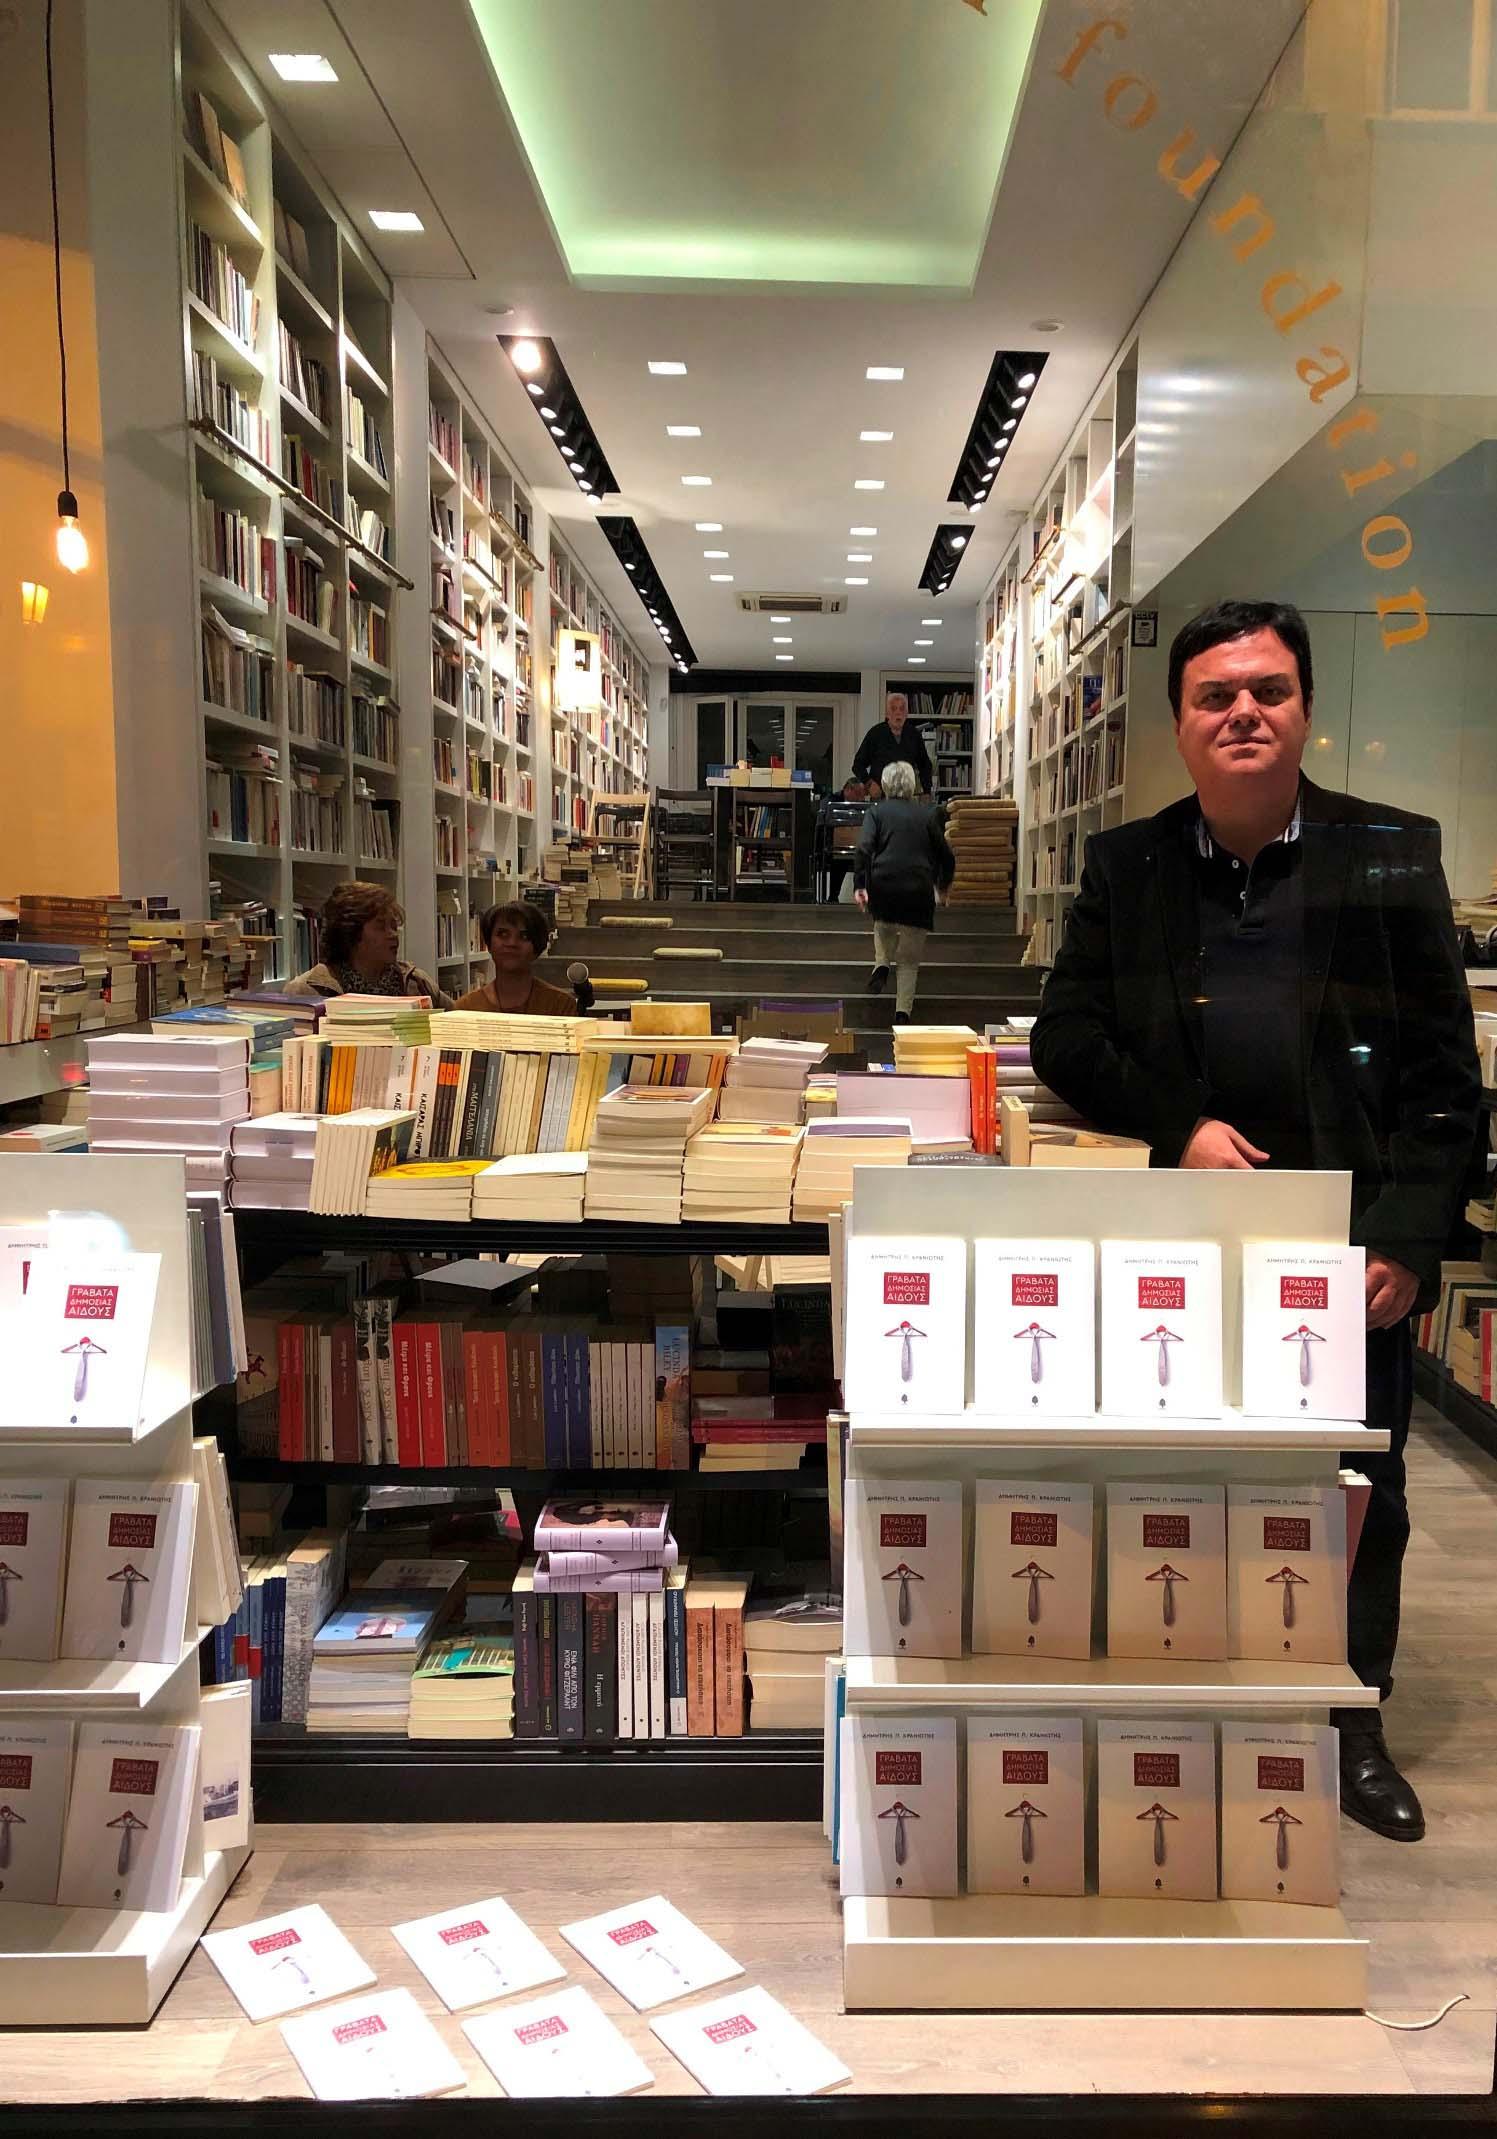 Με επιτυχία παρουσιάστηκε στην Αθήνα το νέο βιβλίο του Δημήτρη Π. Κρανιώτη